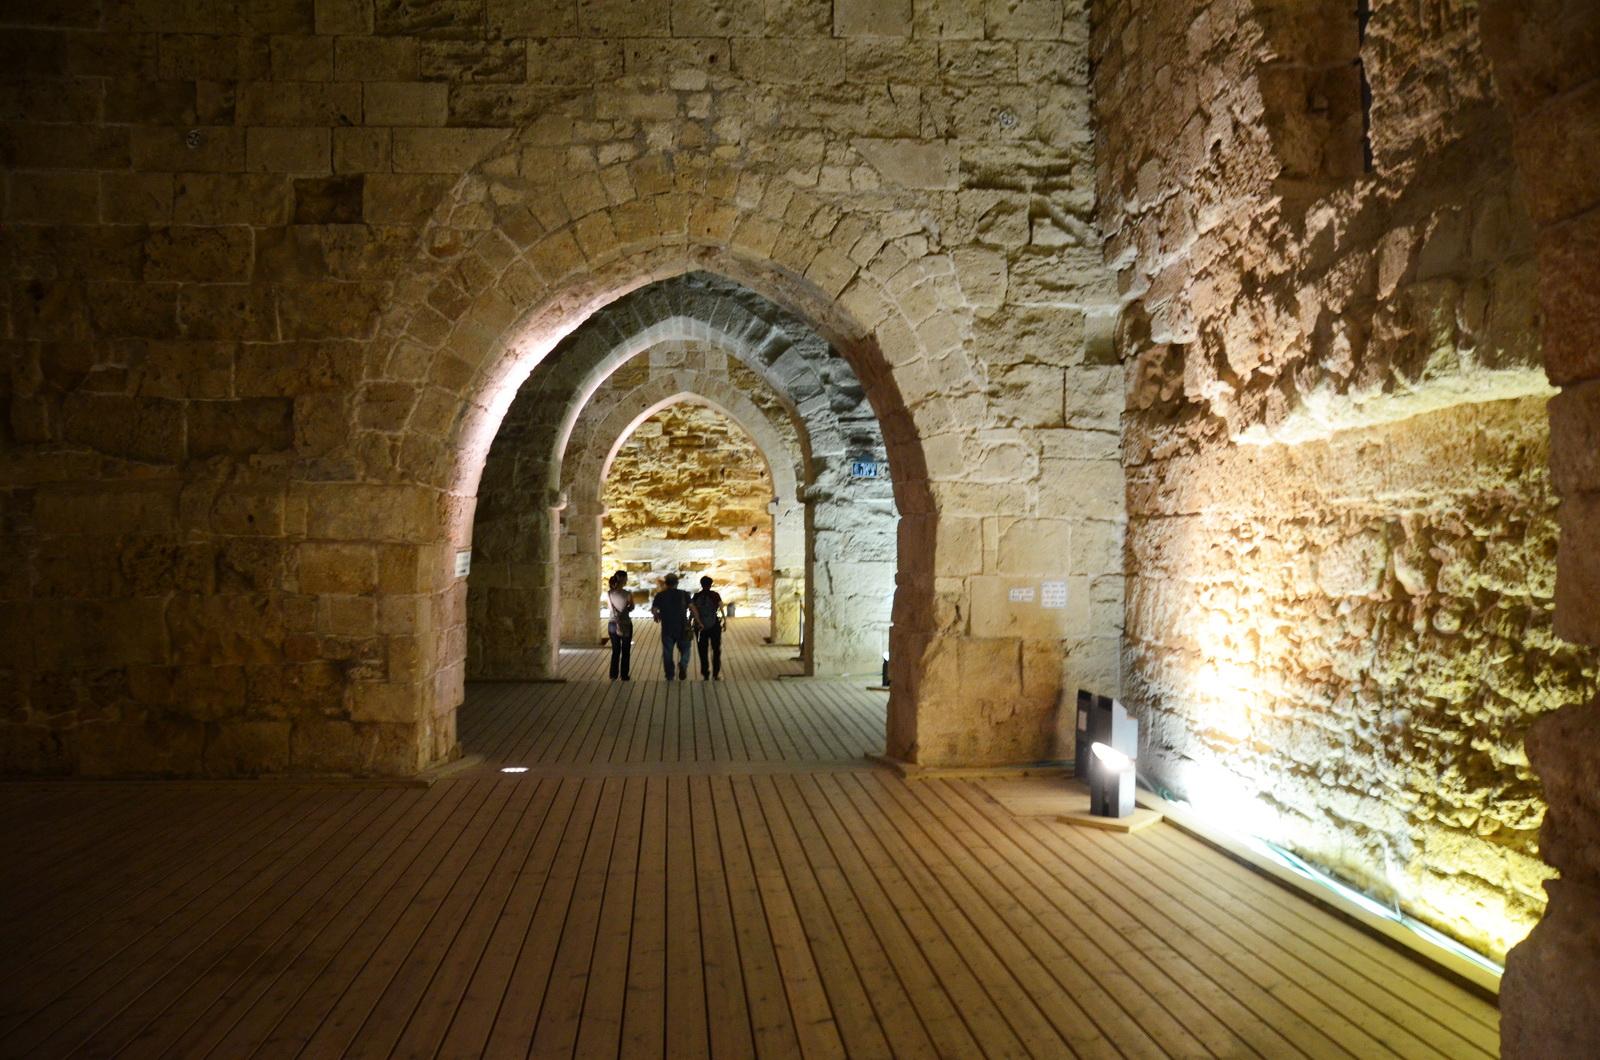 עכו - אולמות האבירים - מבני המסדר ההוספיטלרי, הצלבני, שעליו בנוייה מצודת עכו